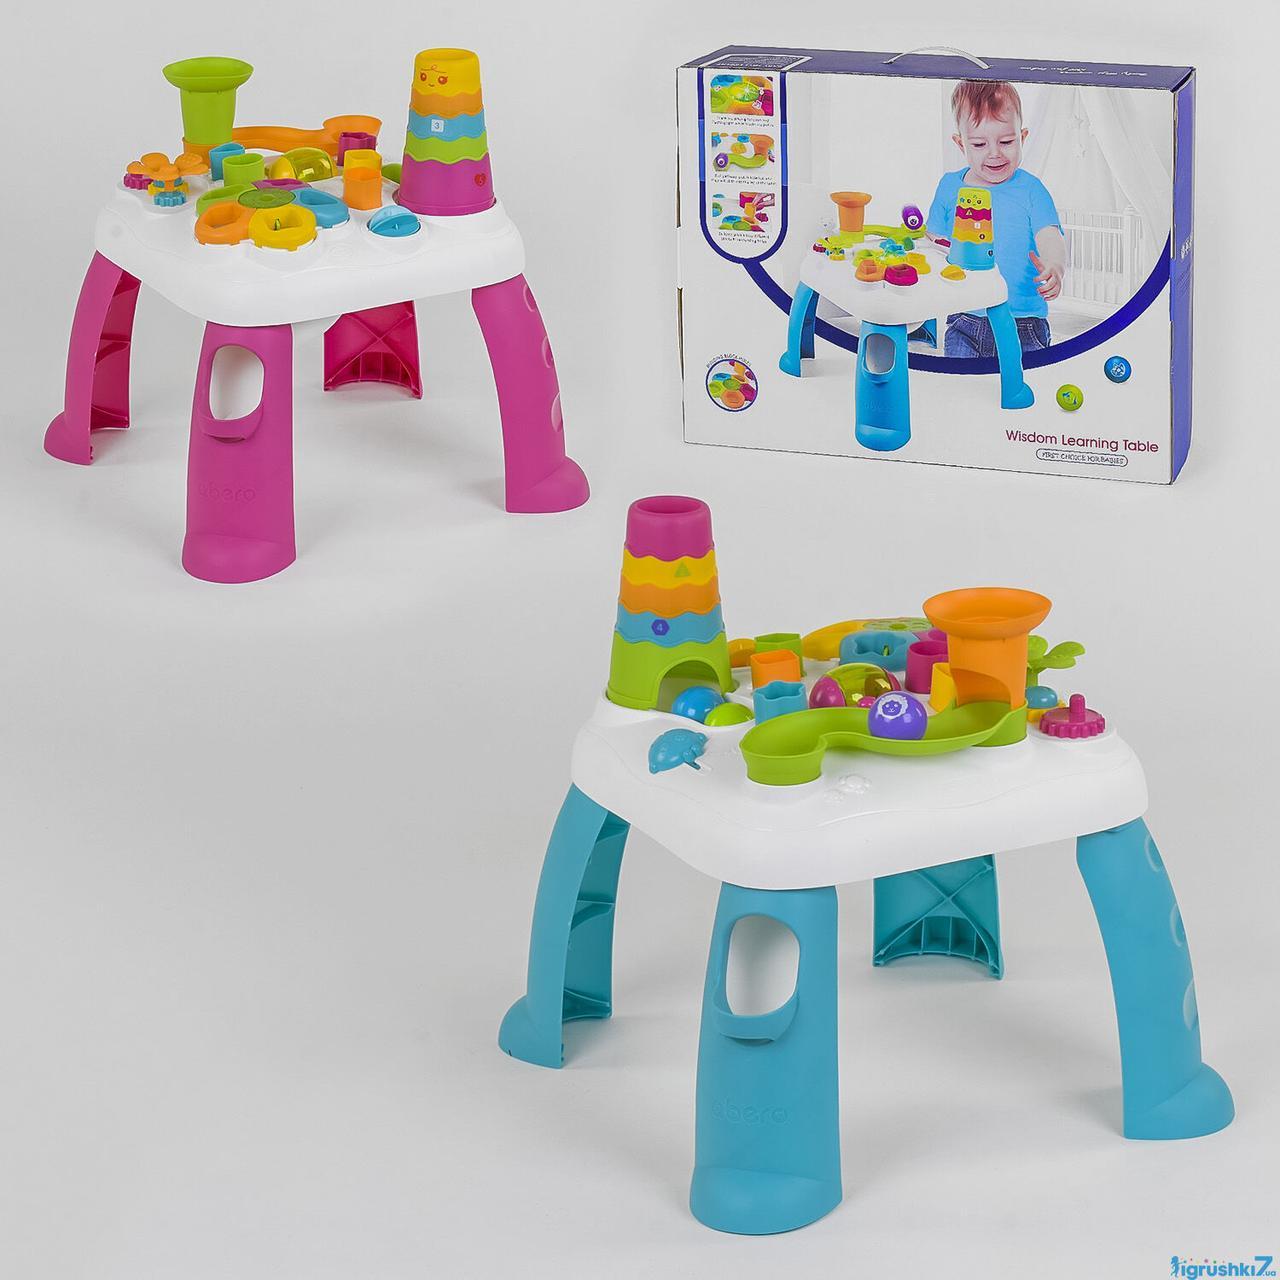 Столик развивающий логический QX 91161 E (6) 2 цвета, свет, звук, в коробке